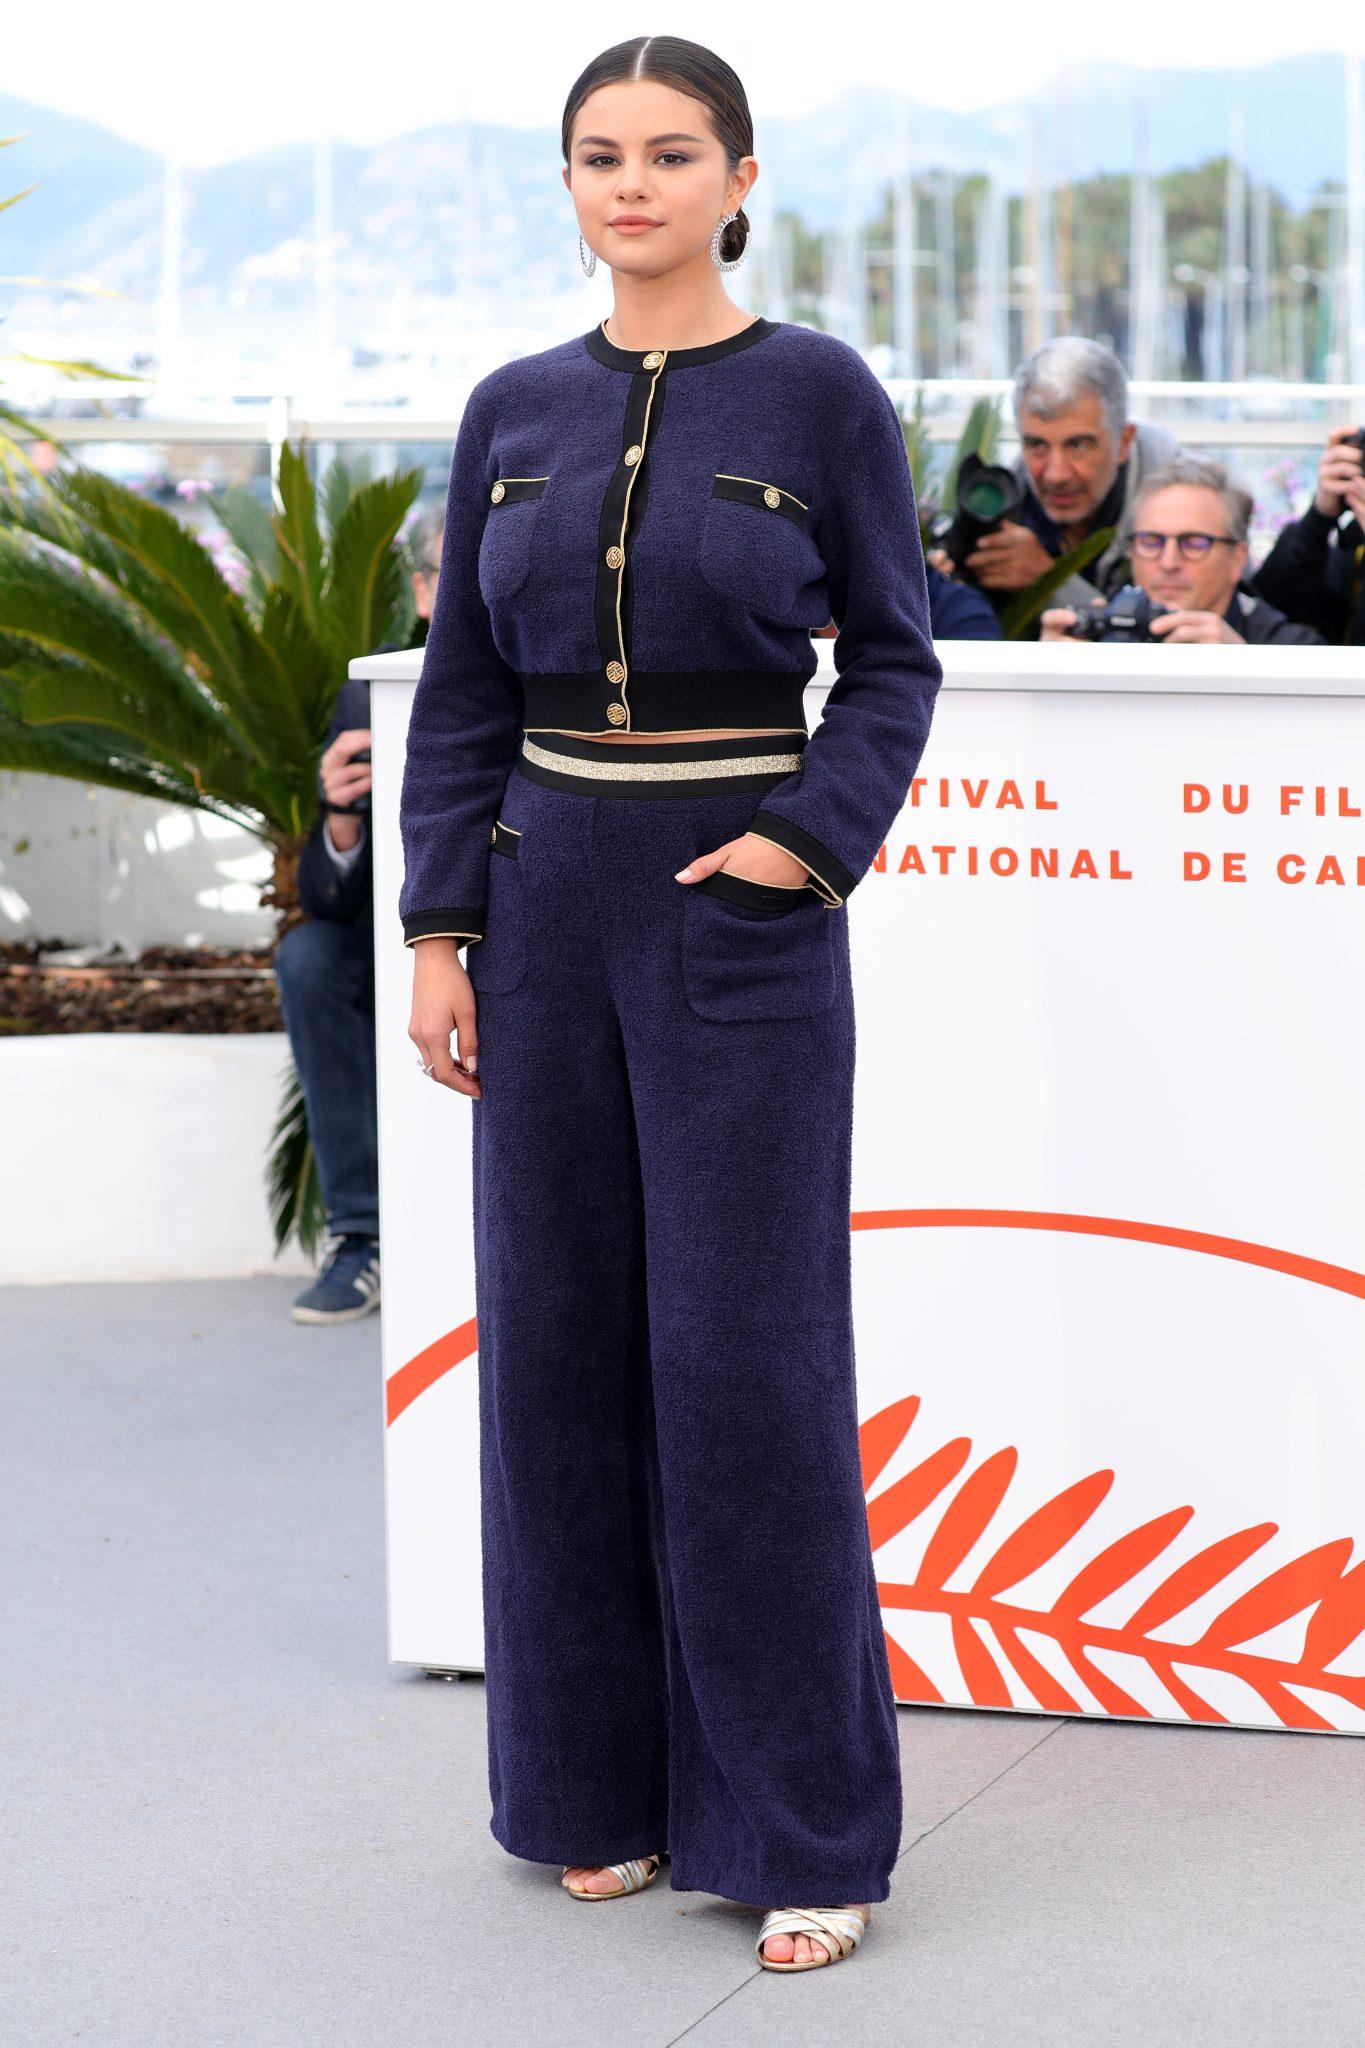 CHANEL Cannes 2019 Selena Gomez Esprit de Gabrielle espritdegabrielle.com